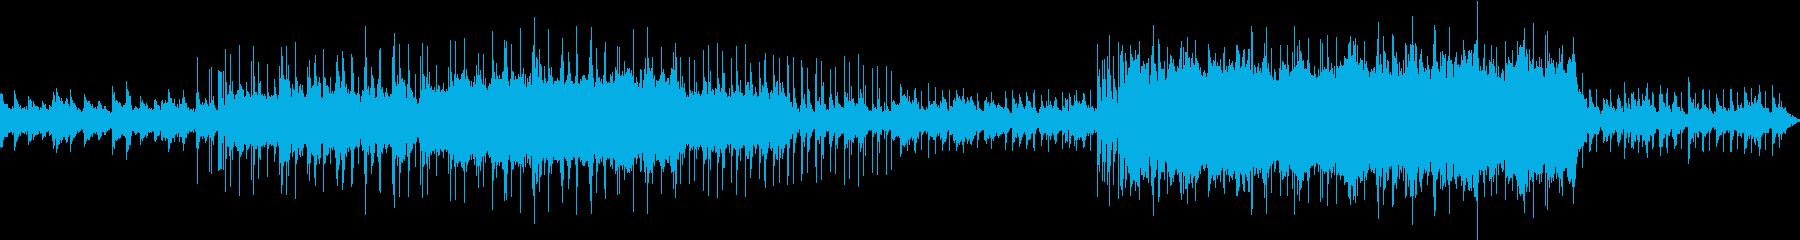 臨場感があり心が落ち着くチル系ハウス2の再生済みの波形